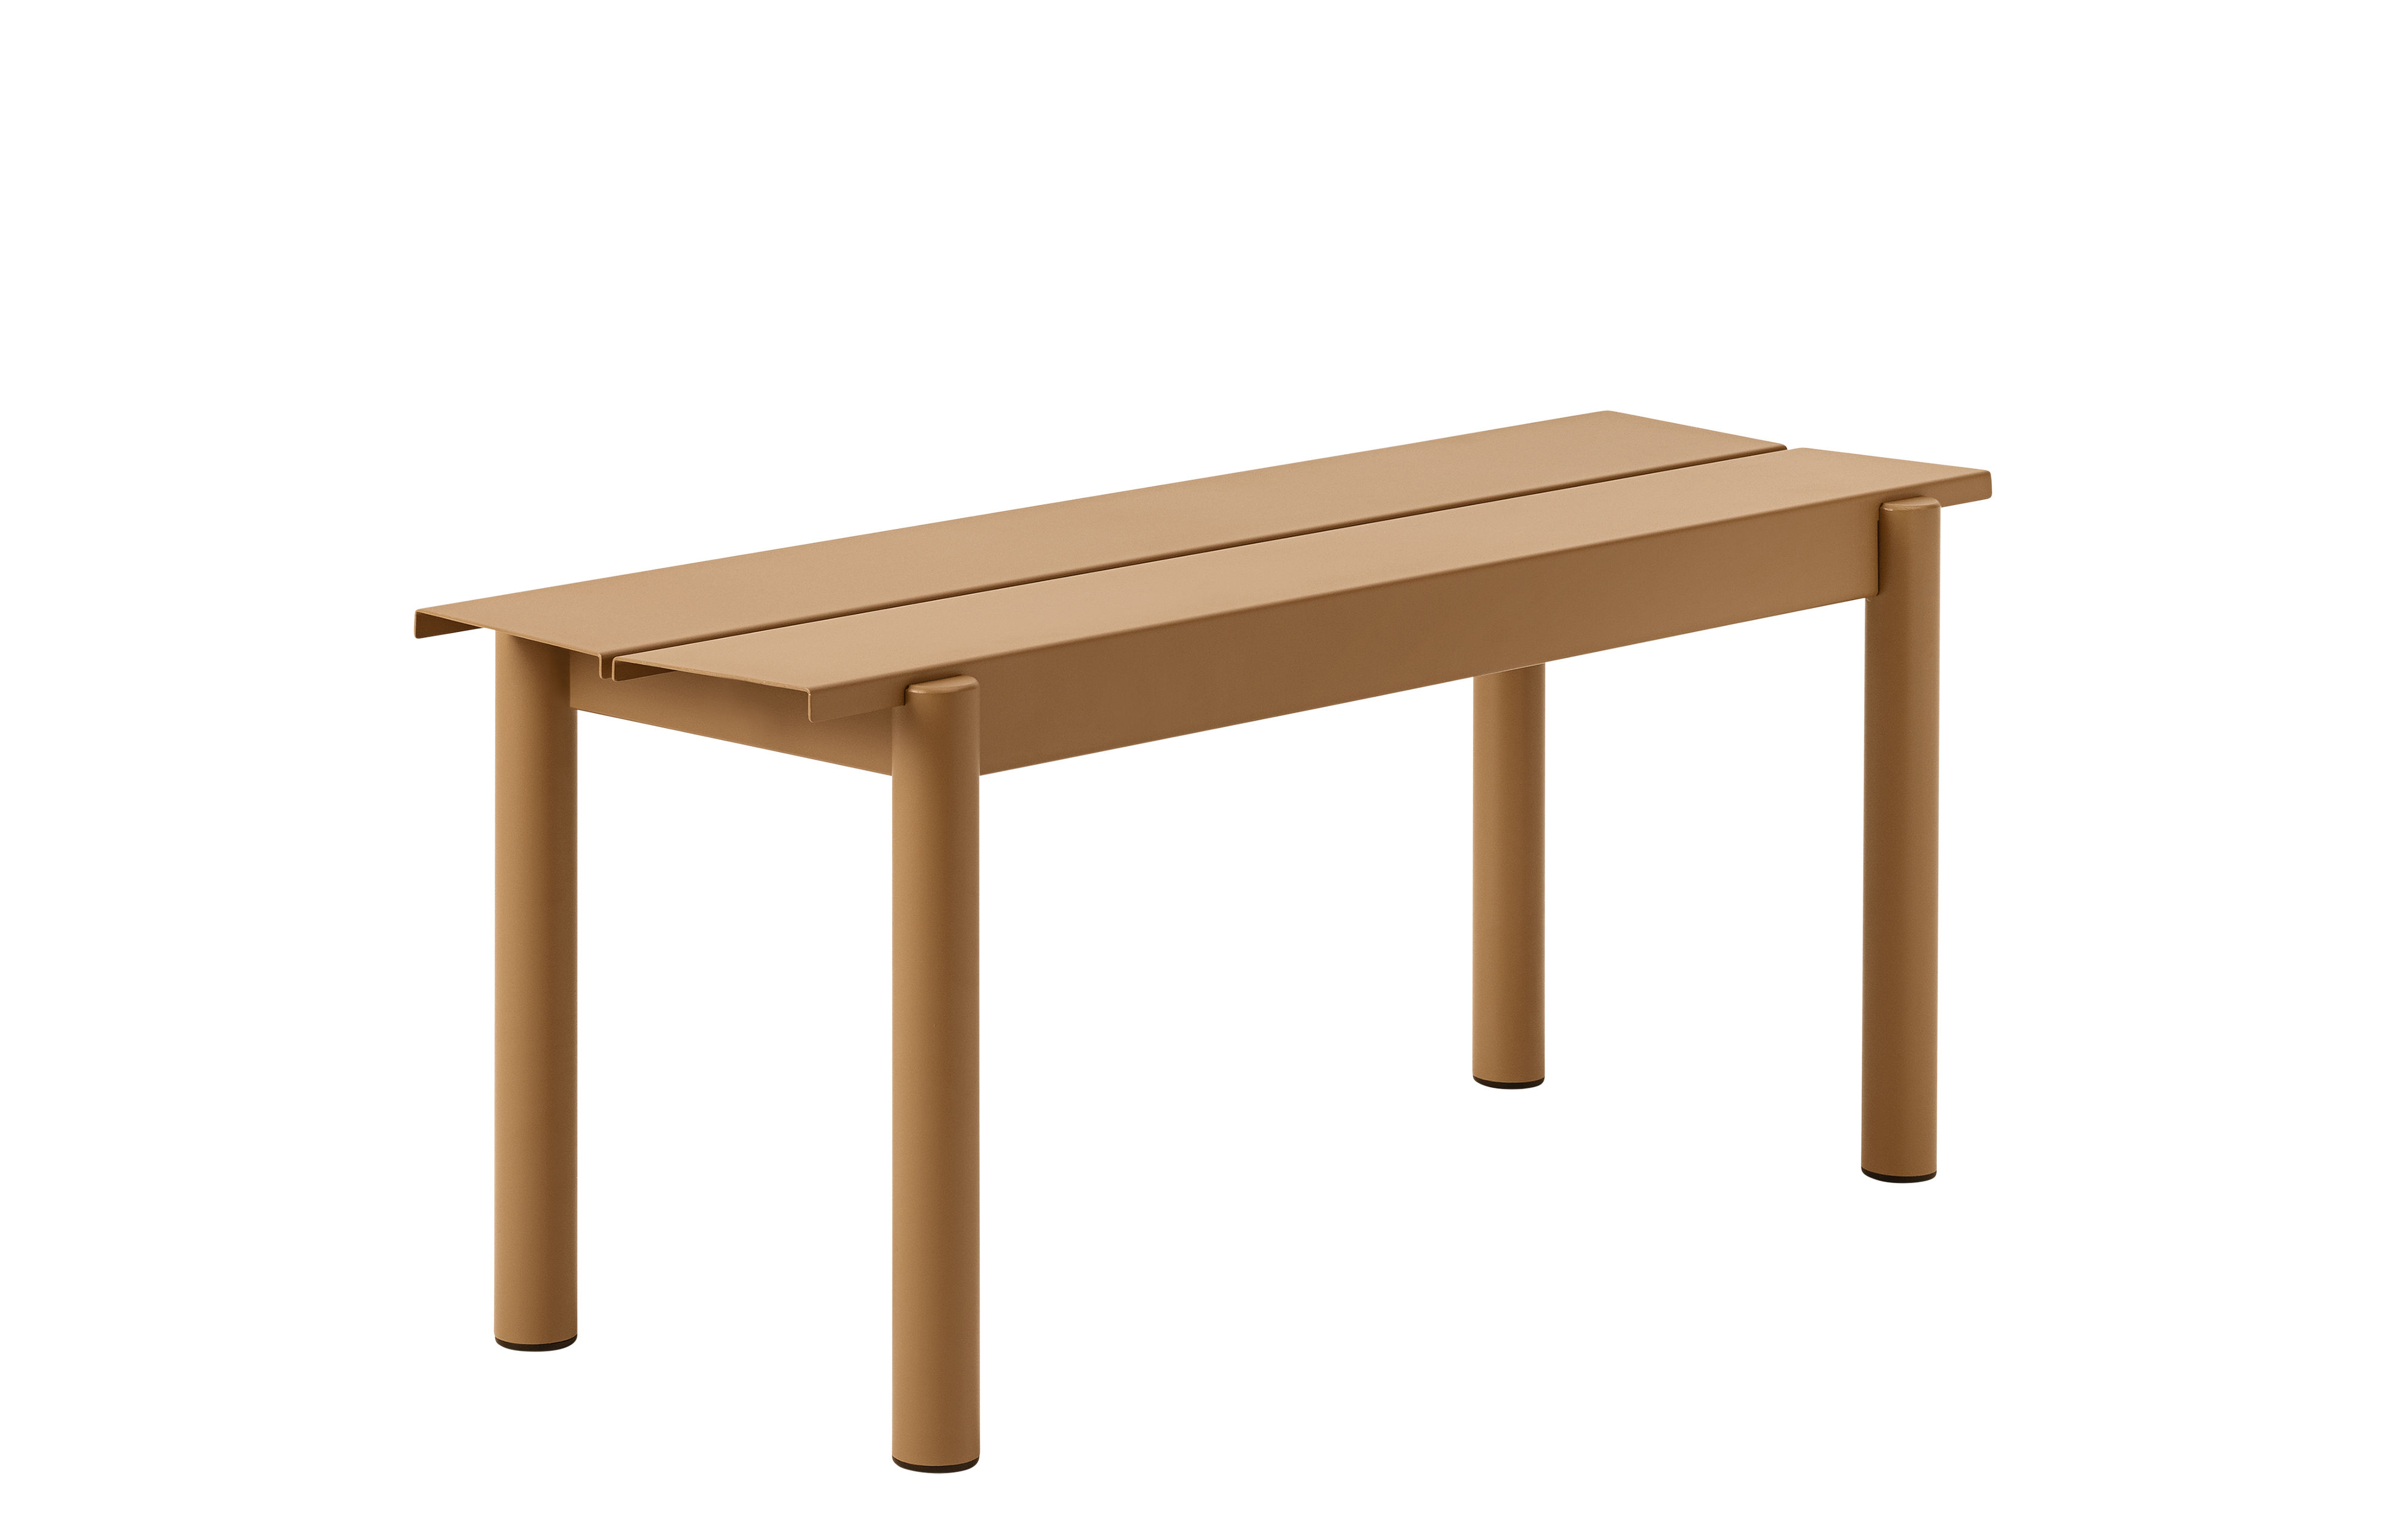 Furniture - Benches - Linear Bench - / Steel - L 110 cm by Muuto - Caramel - Acier revêtement poudre